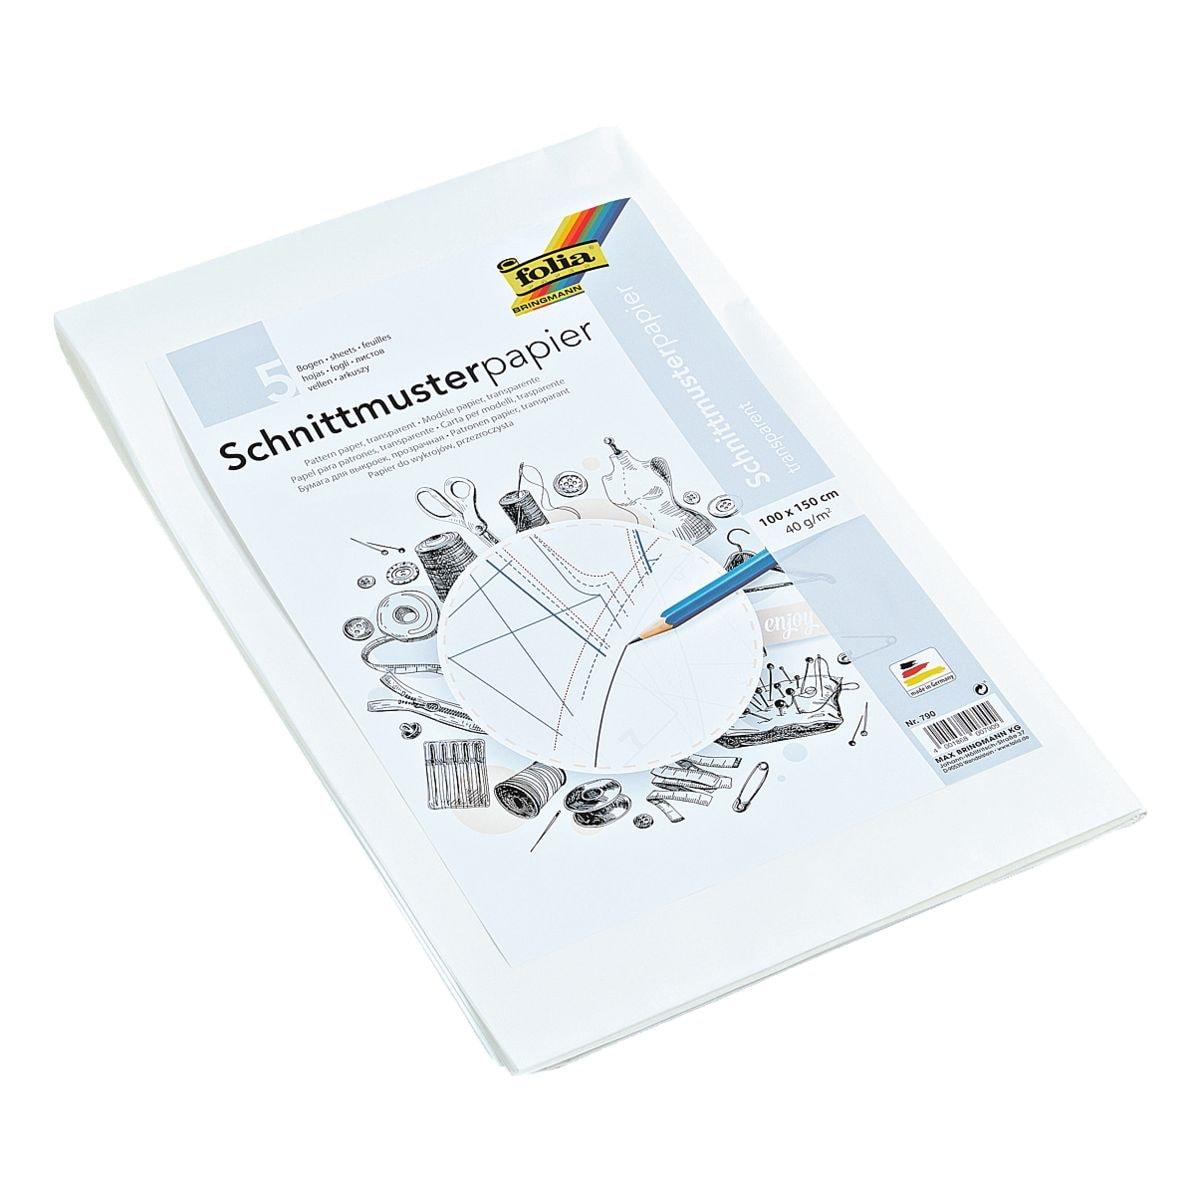 folia Schnittmusterpapier (5 Bögen)